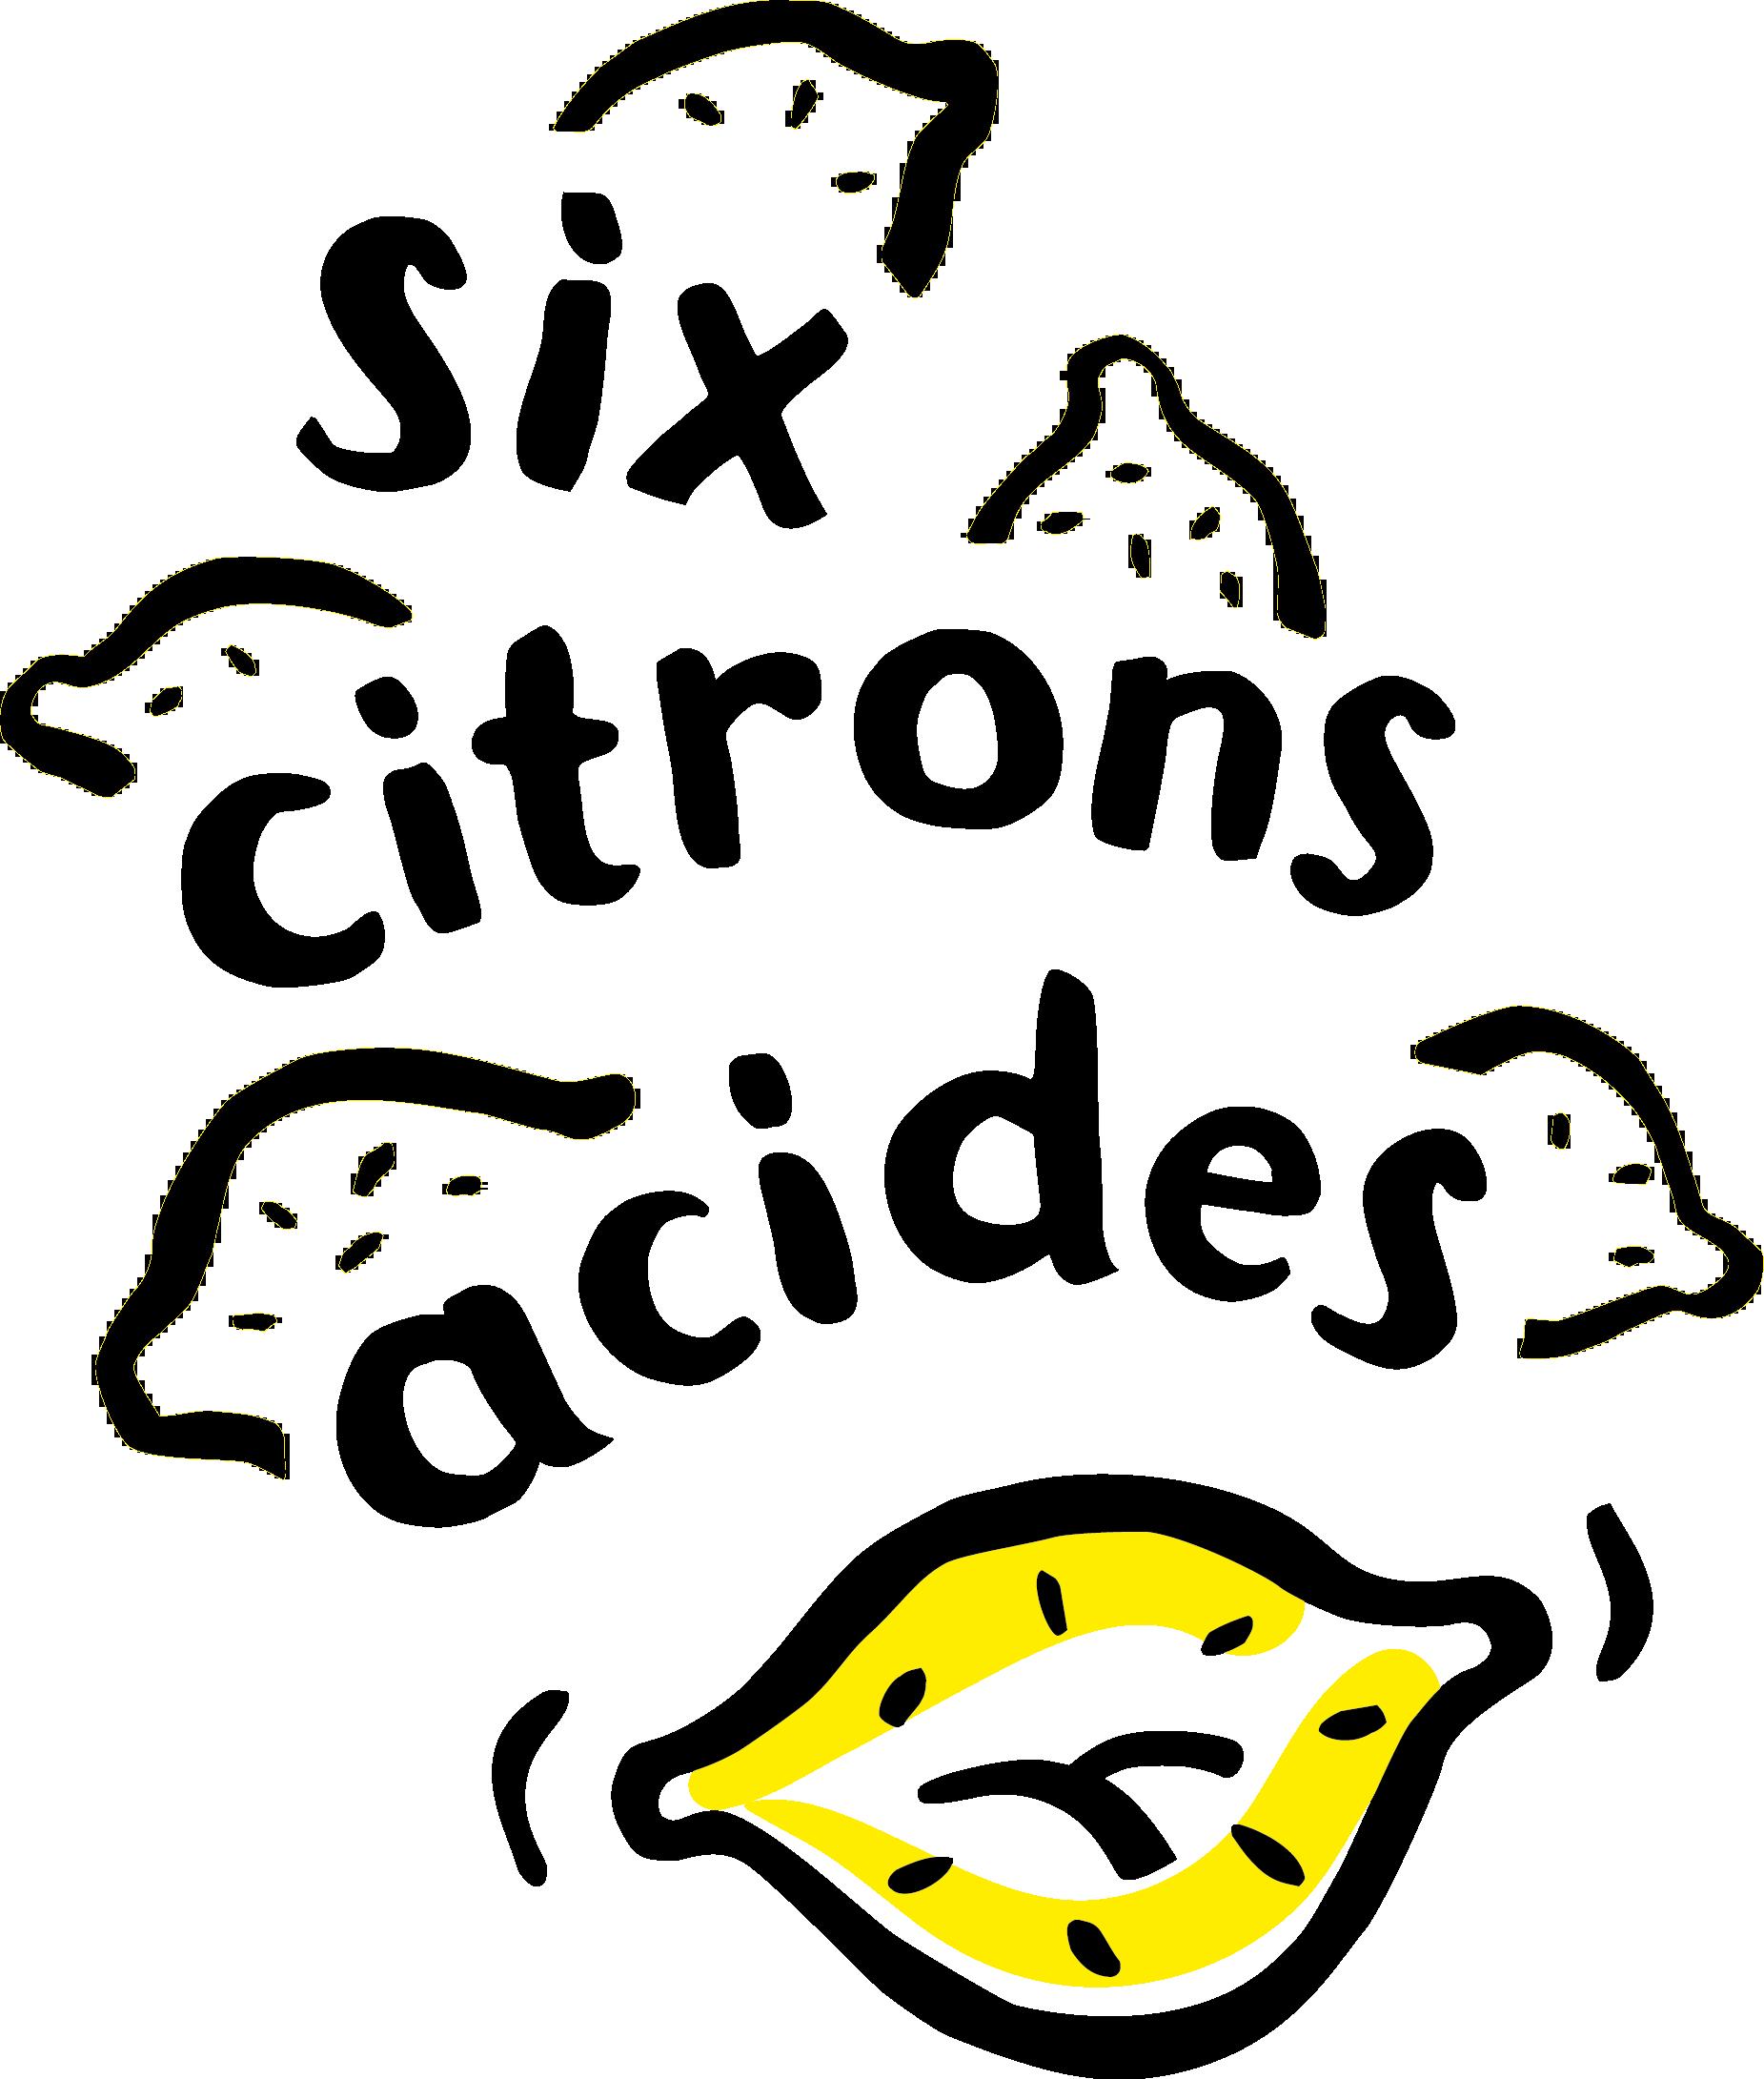 logo six citrons acides_genrerique_noir et jaune 2